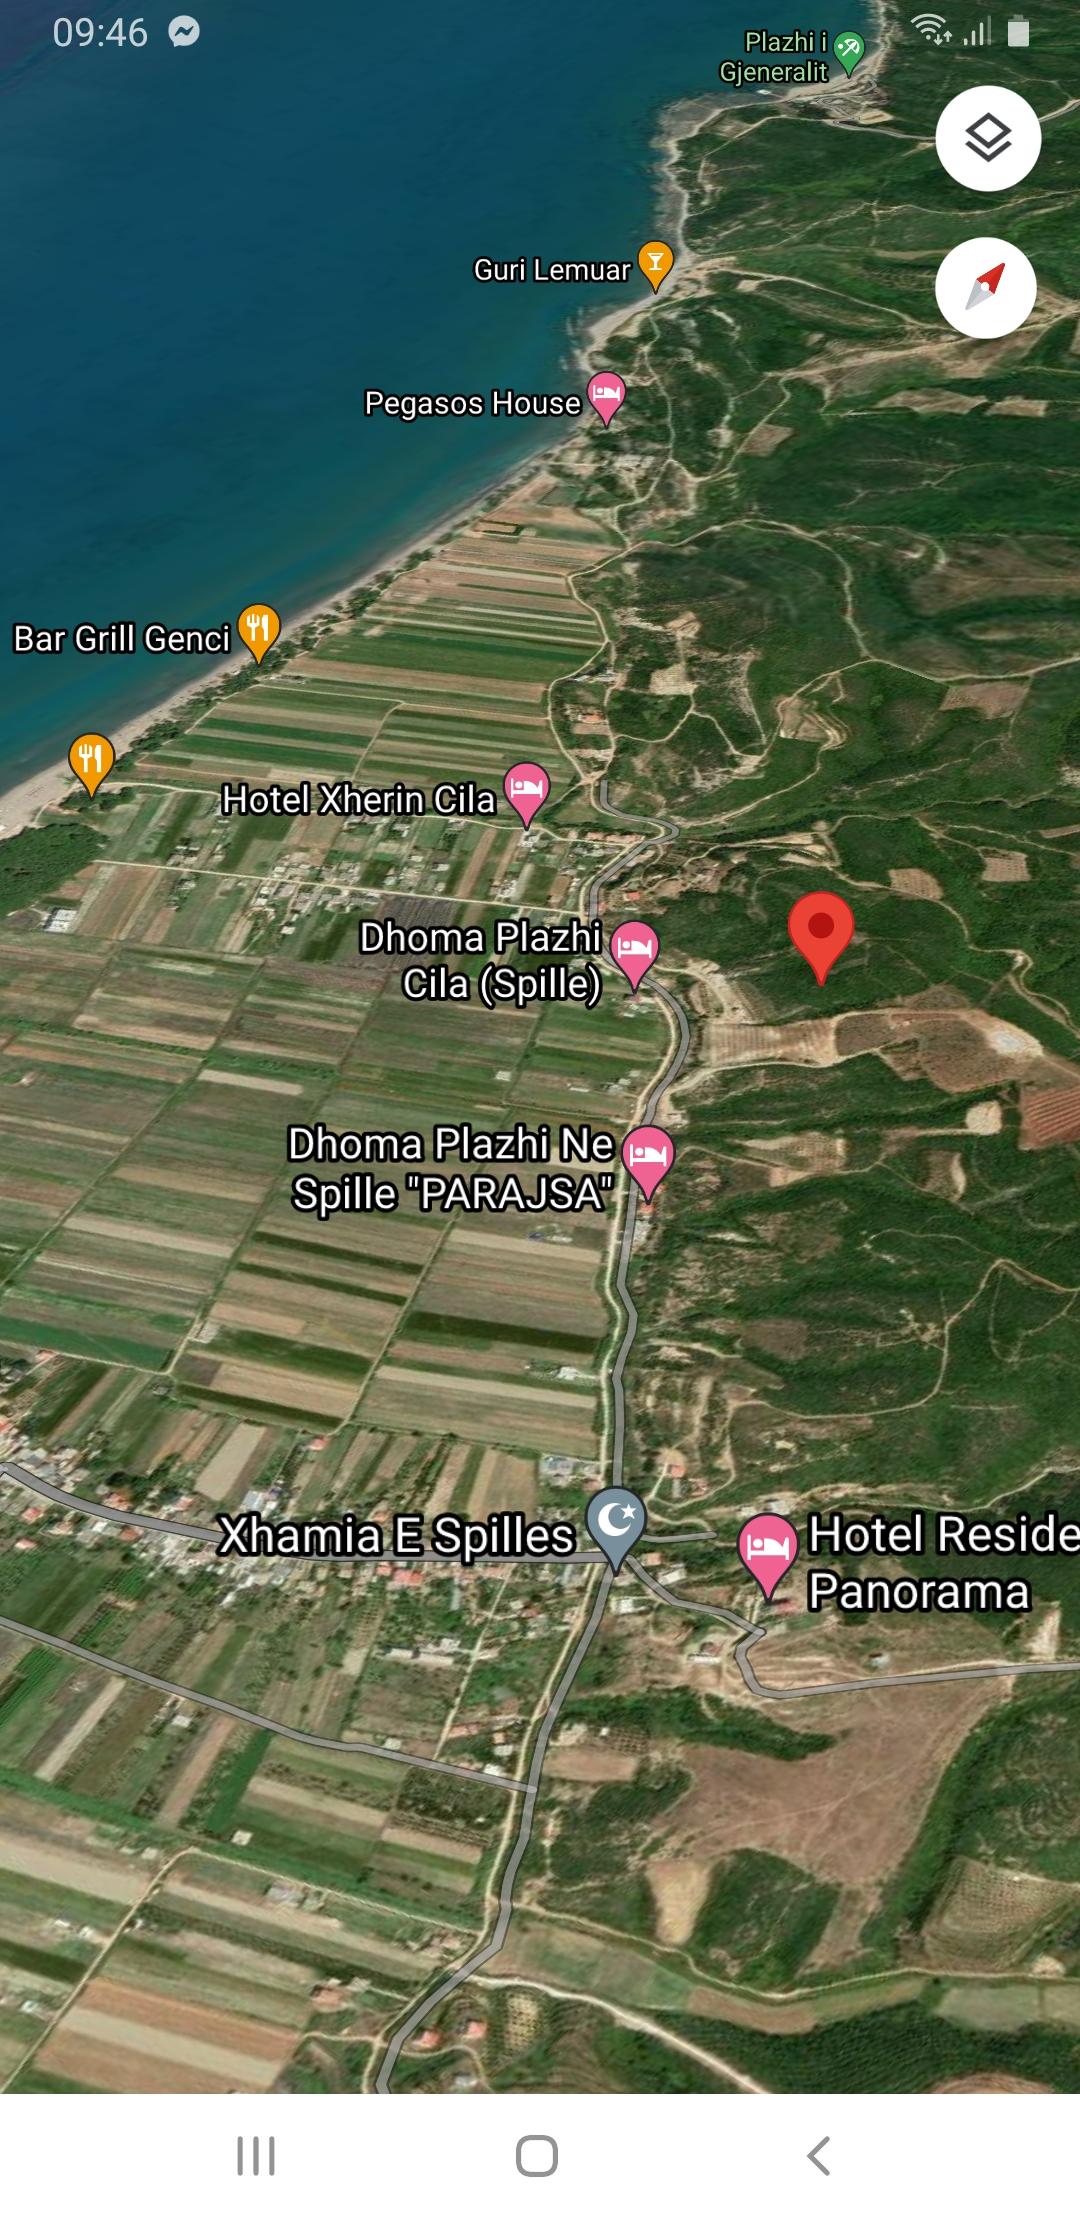 OKAZION SHITET PRONA 10400 m2 NE SPILLE